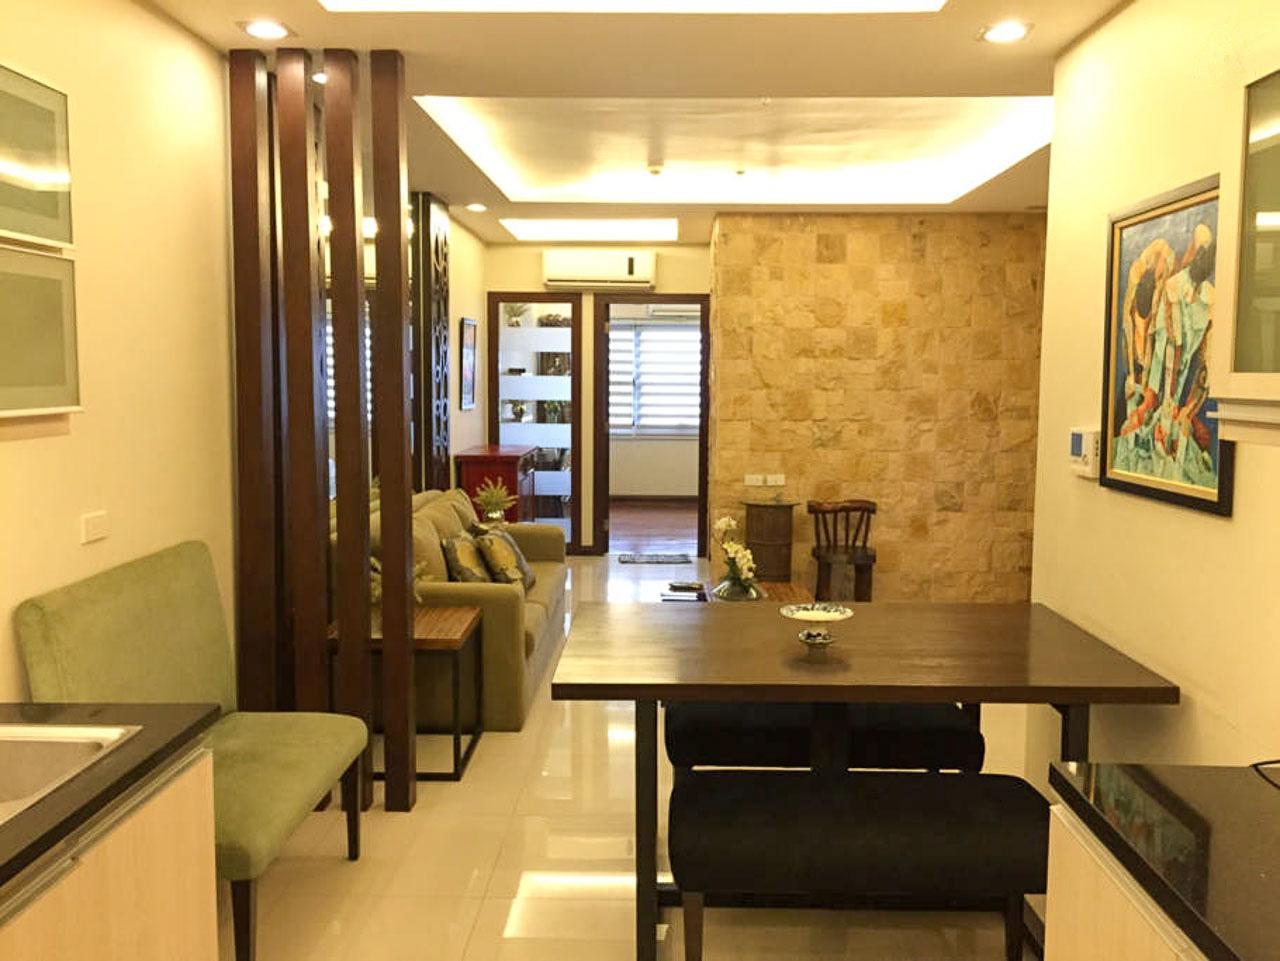 admiral suites rentals bay apartments apartment manila rentpad term bedroom rent short condos condo for